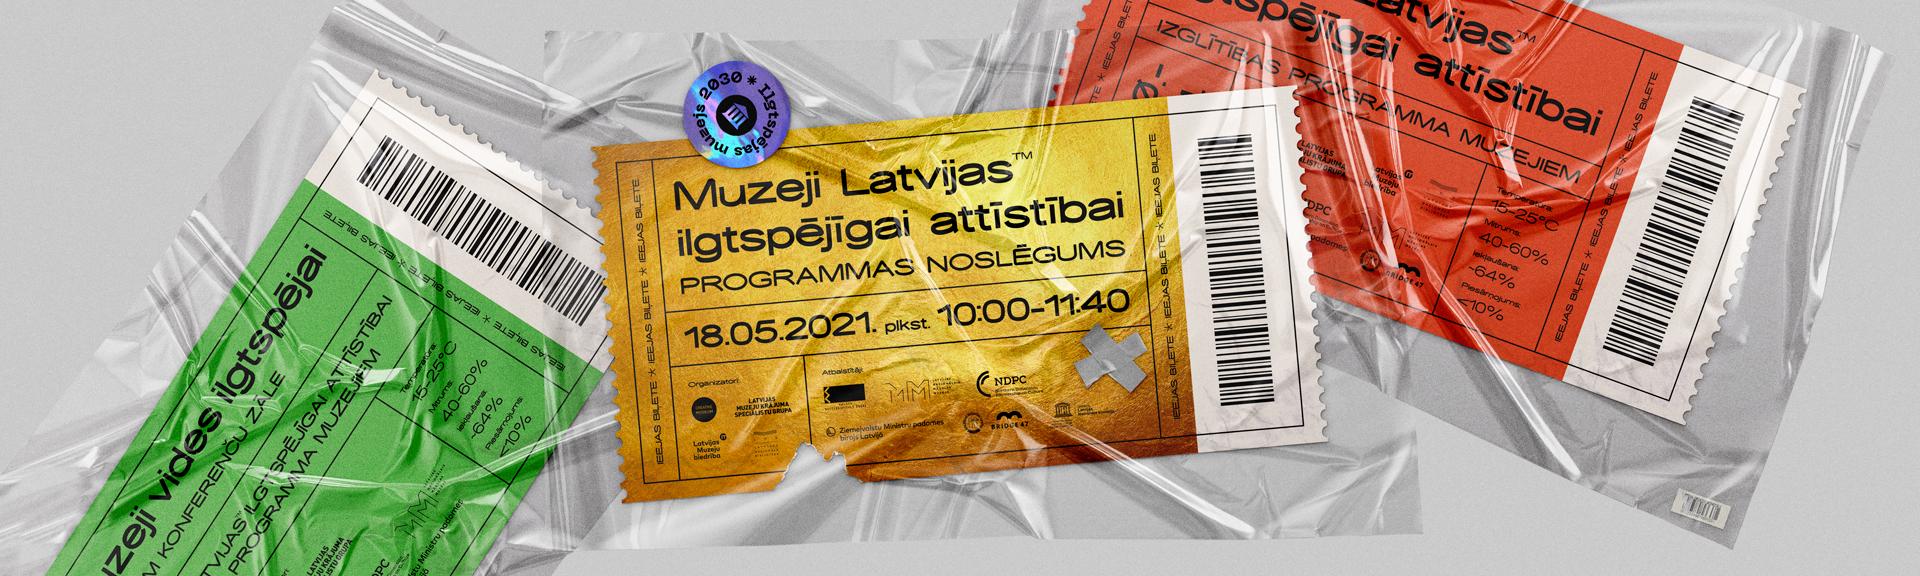 Muzeju-ilgtspeja-noslegums-LMB-1920x576.jpg